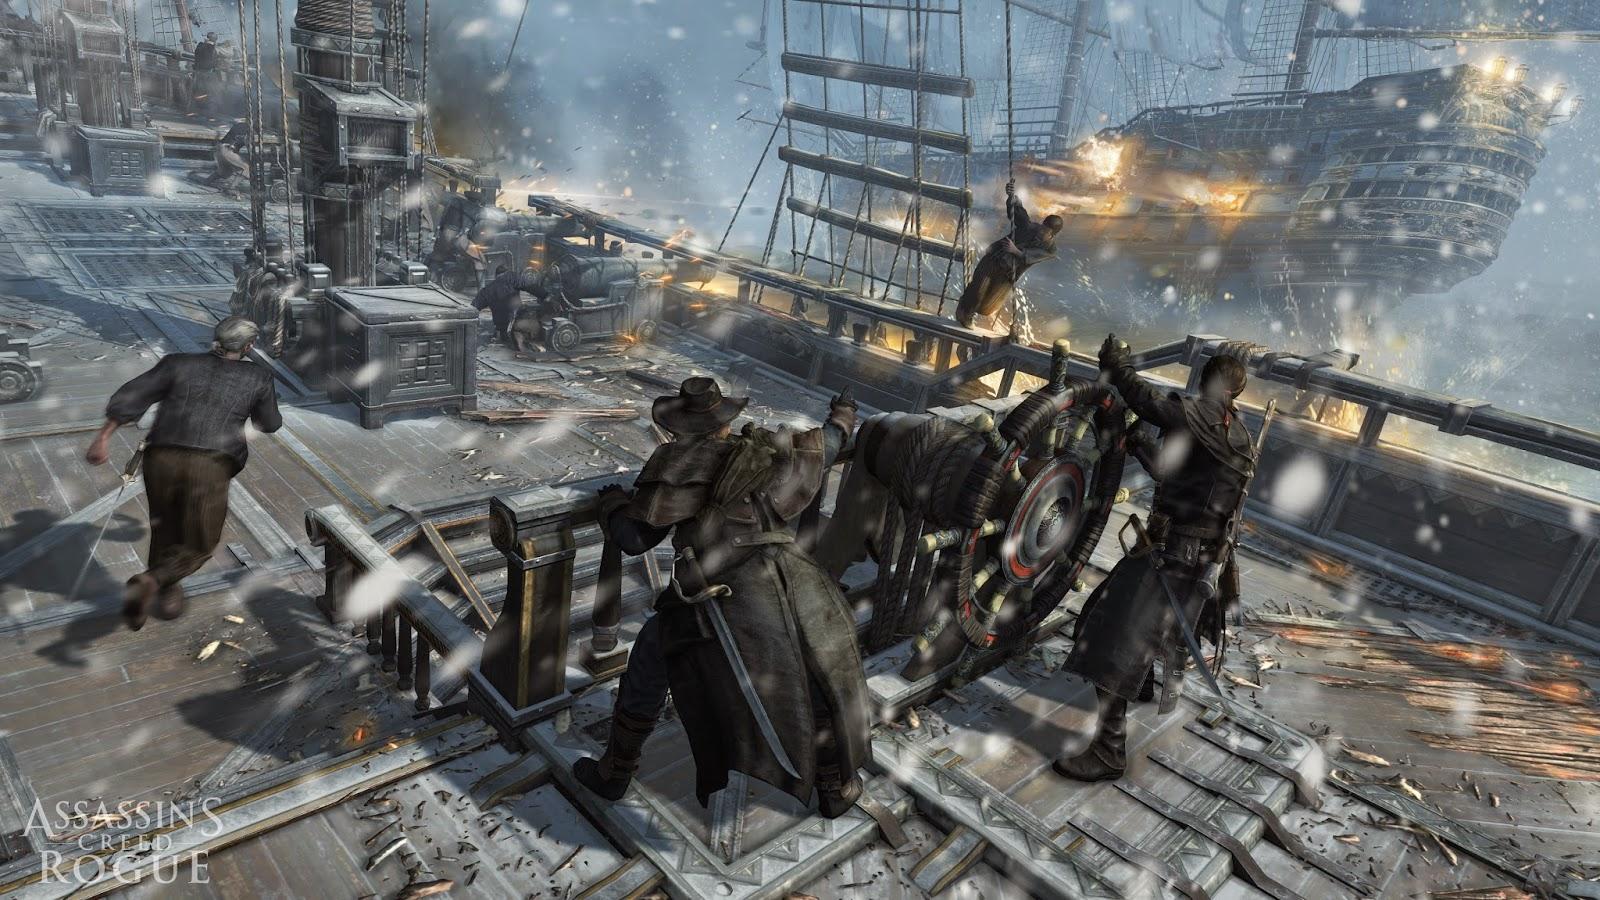 Ubisoft Game Reviews